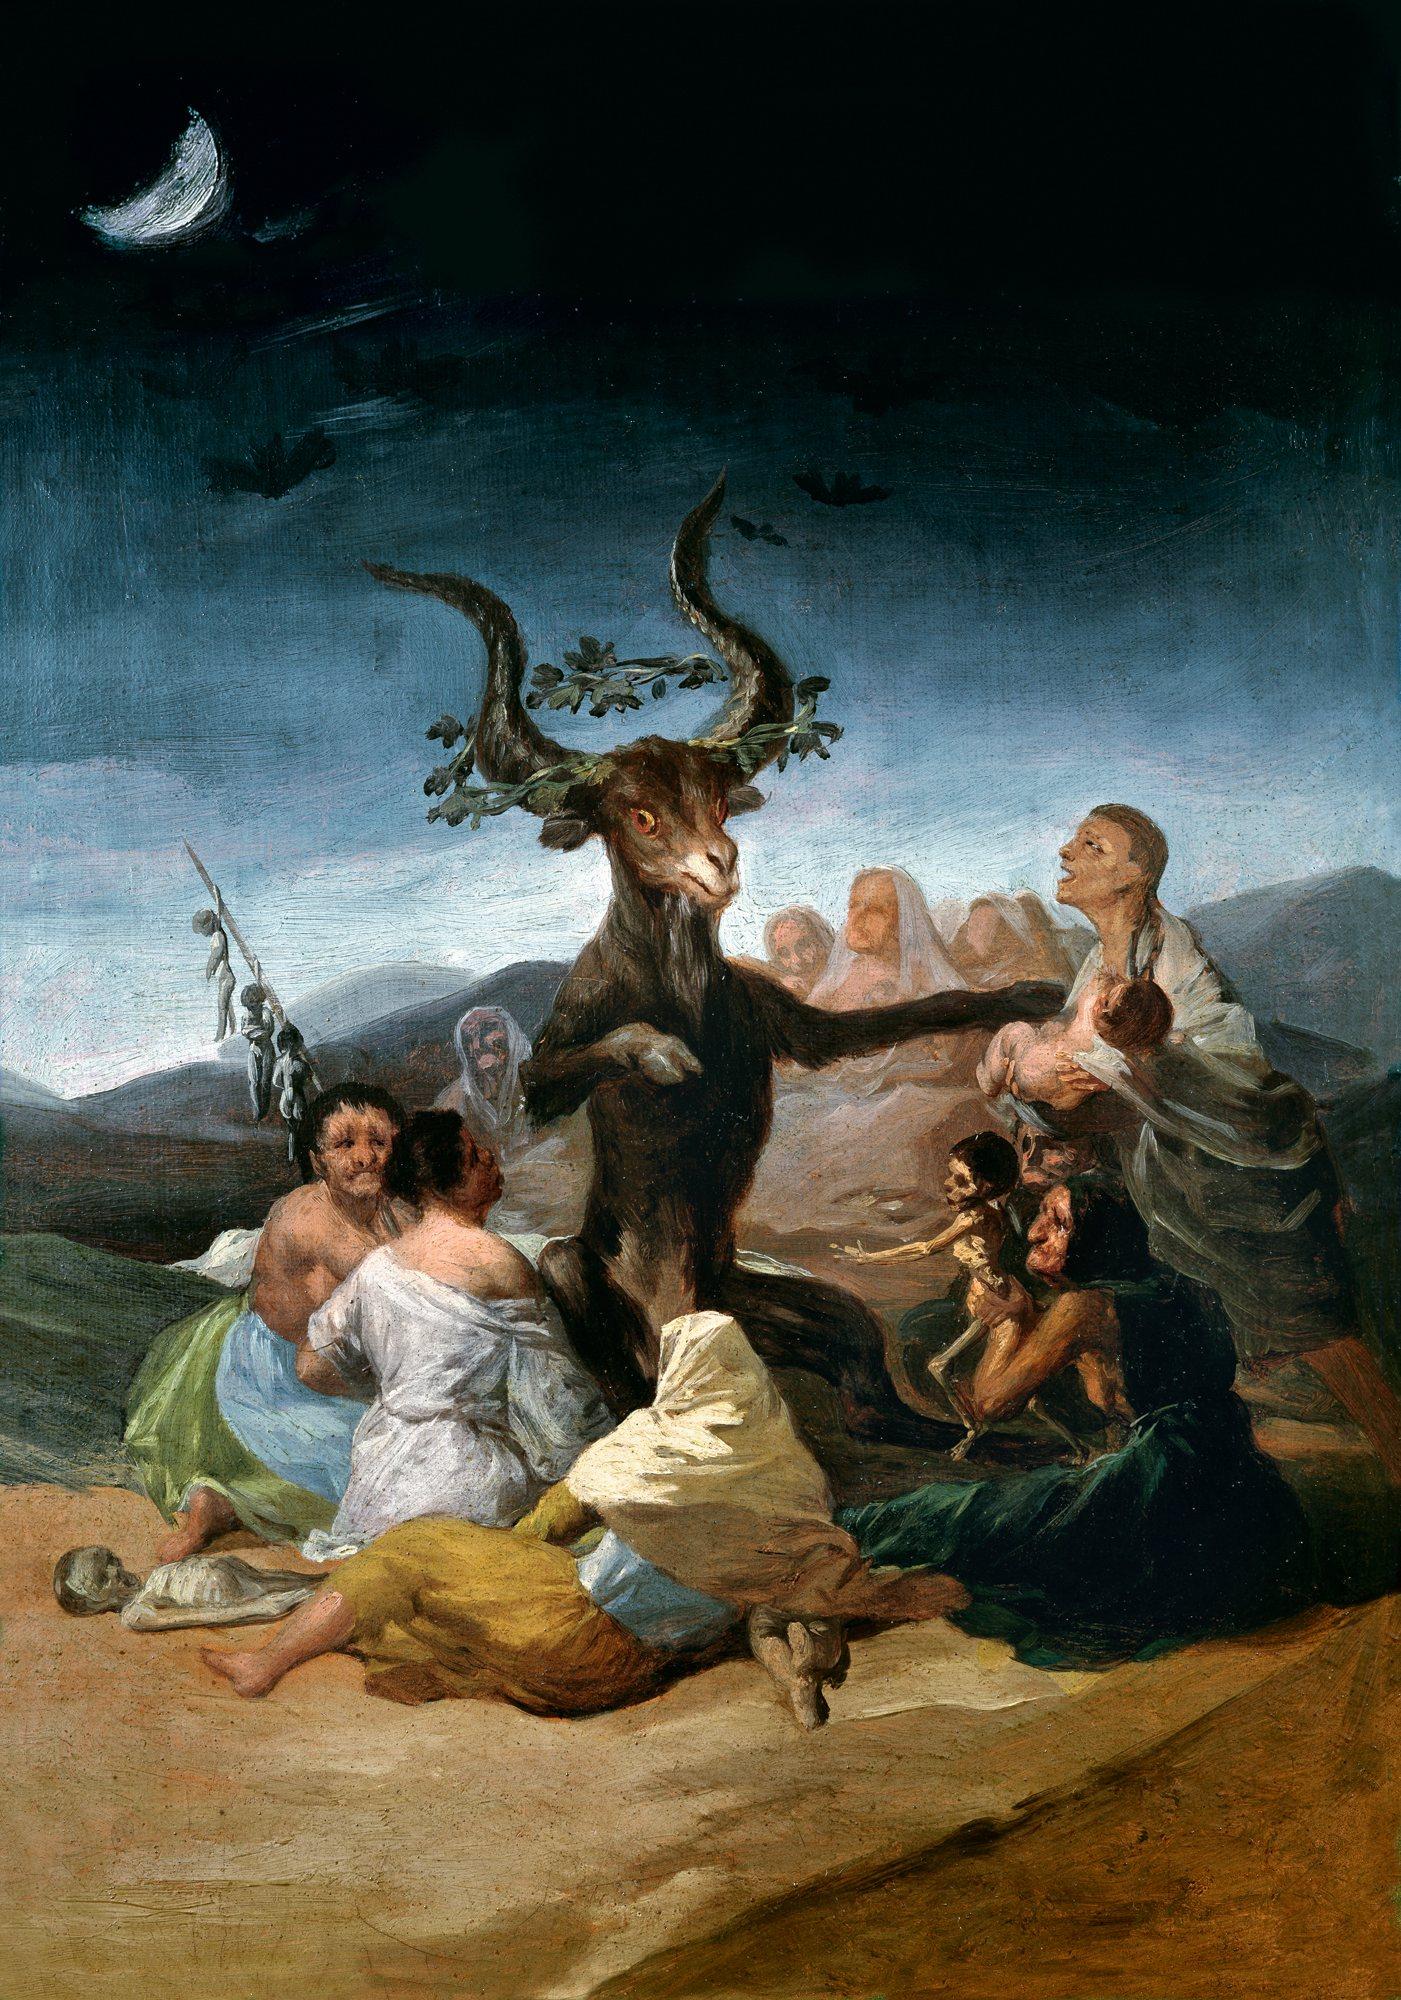 Aquelarre de Goya. Fuente: Internet.